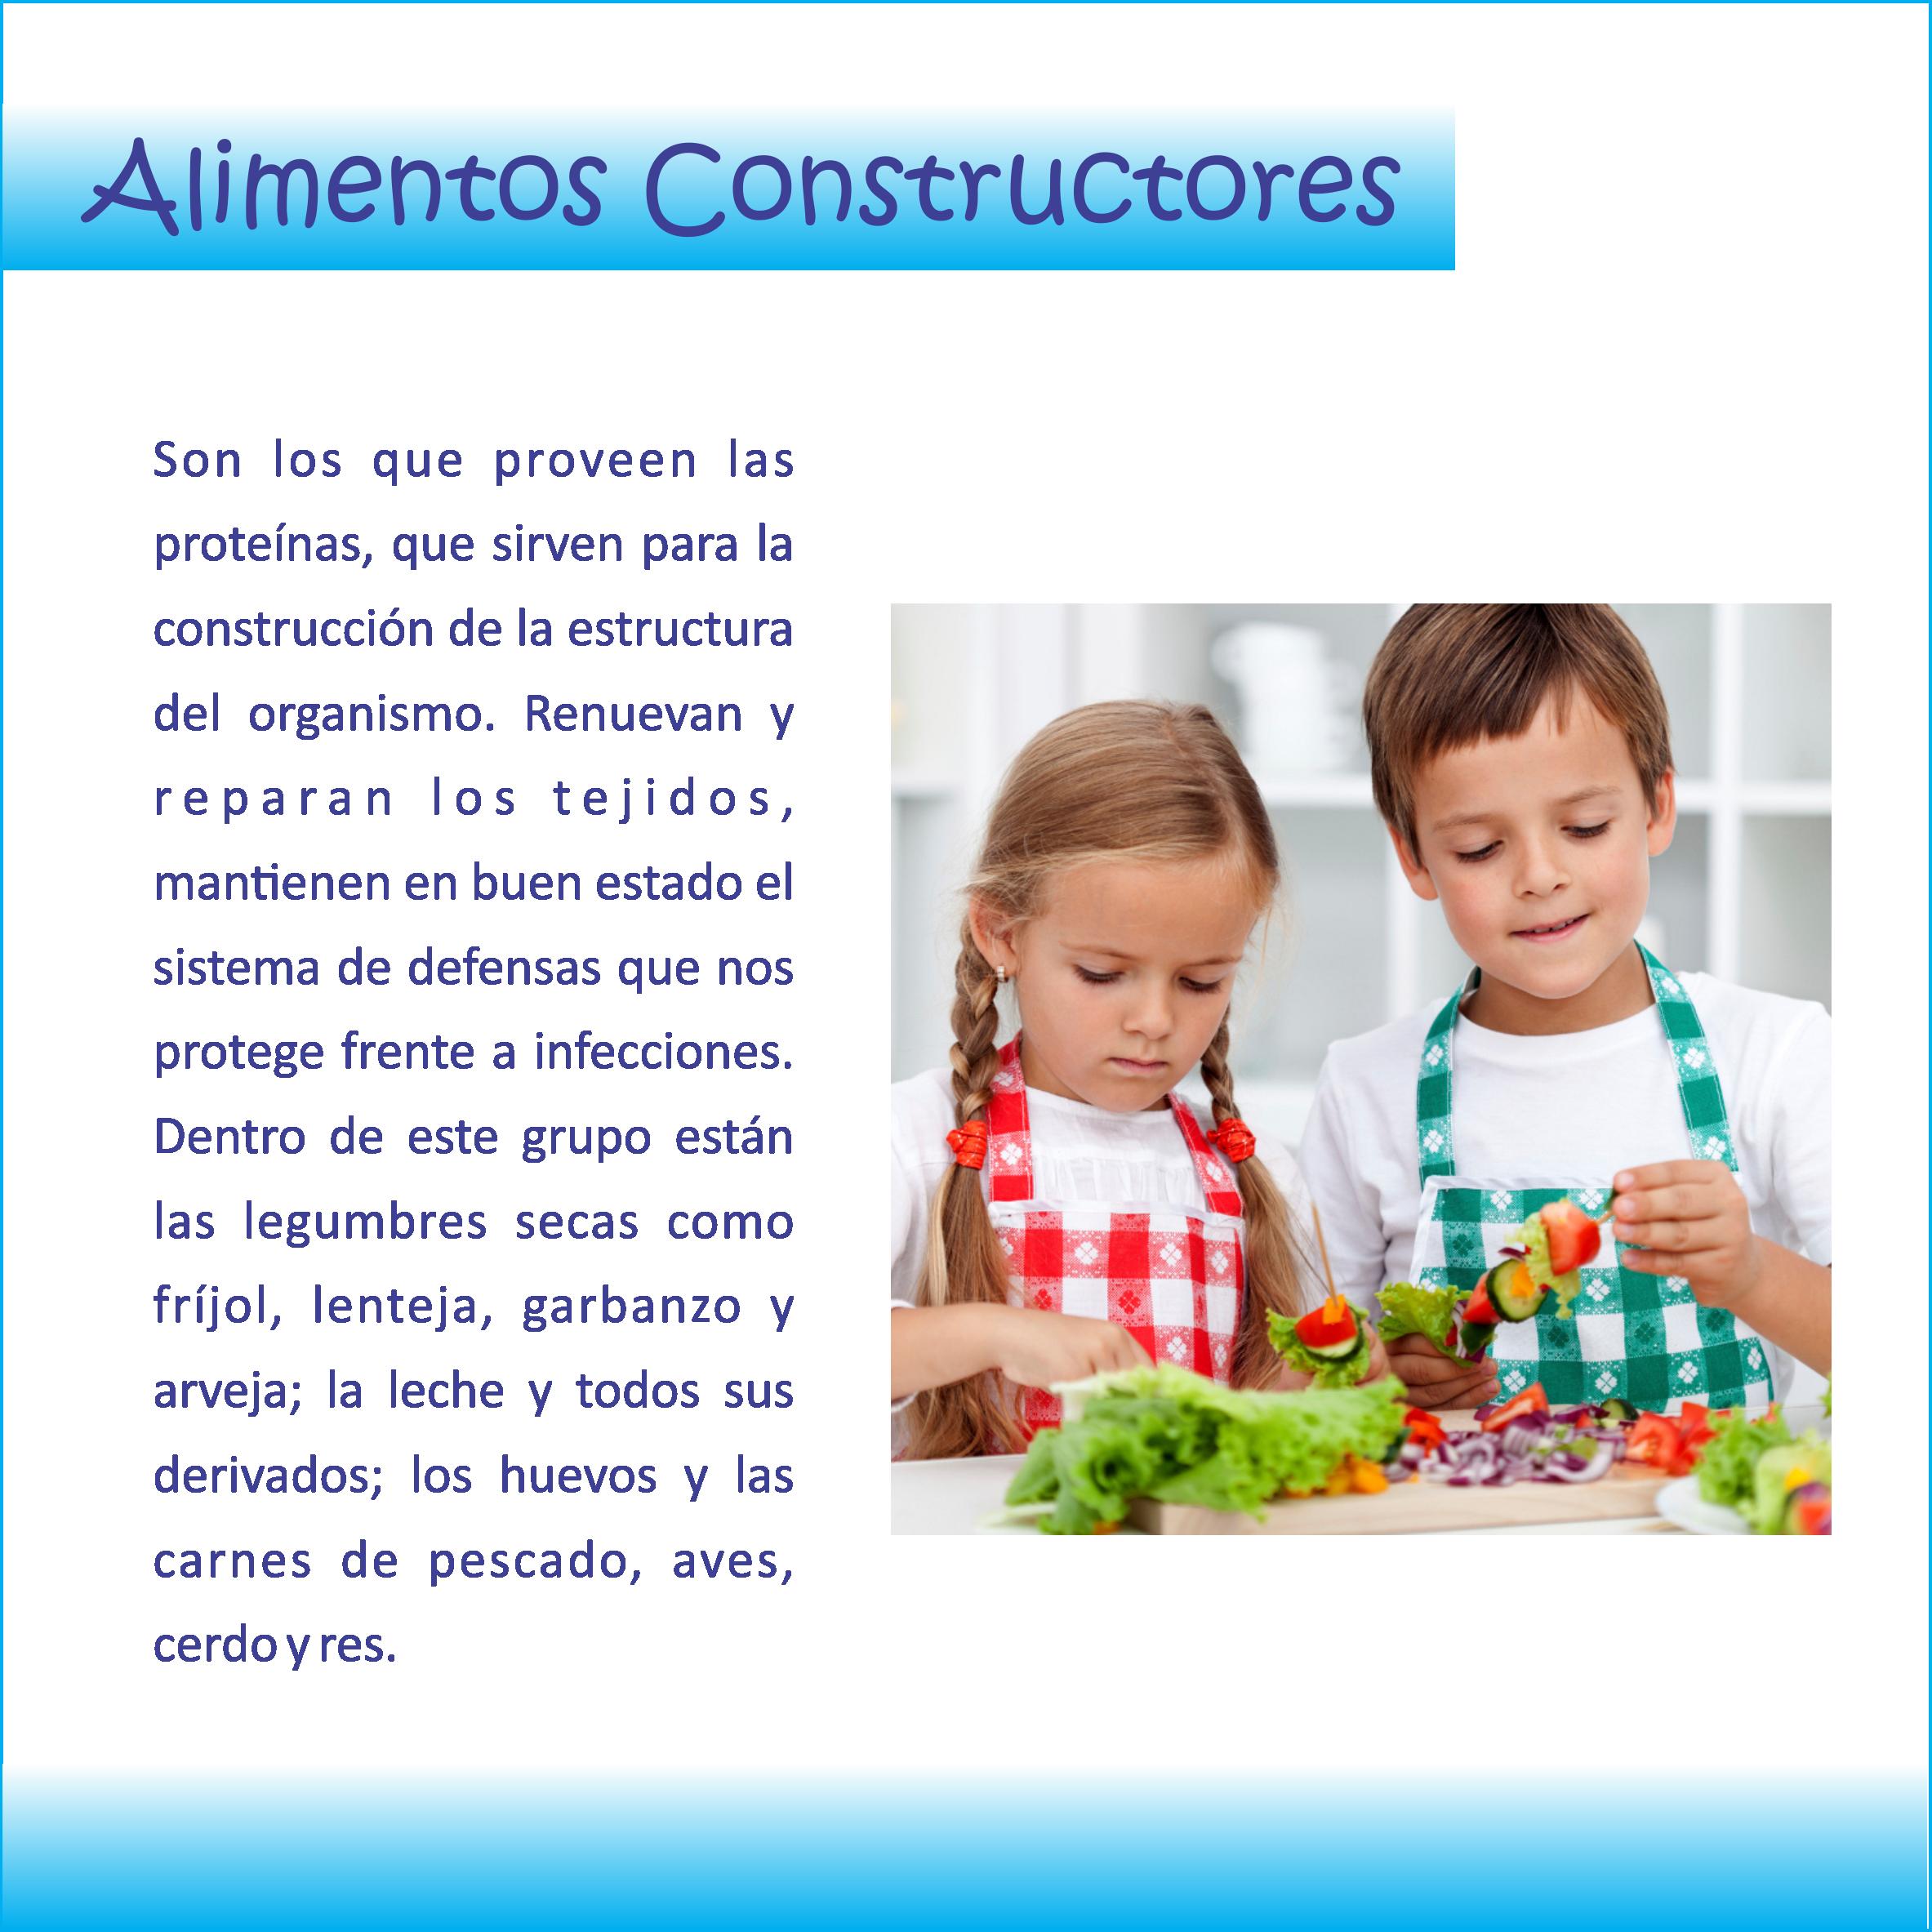 Nutrición en los #niños . . . #Alimentos #Constructores